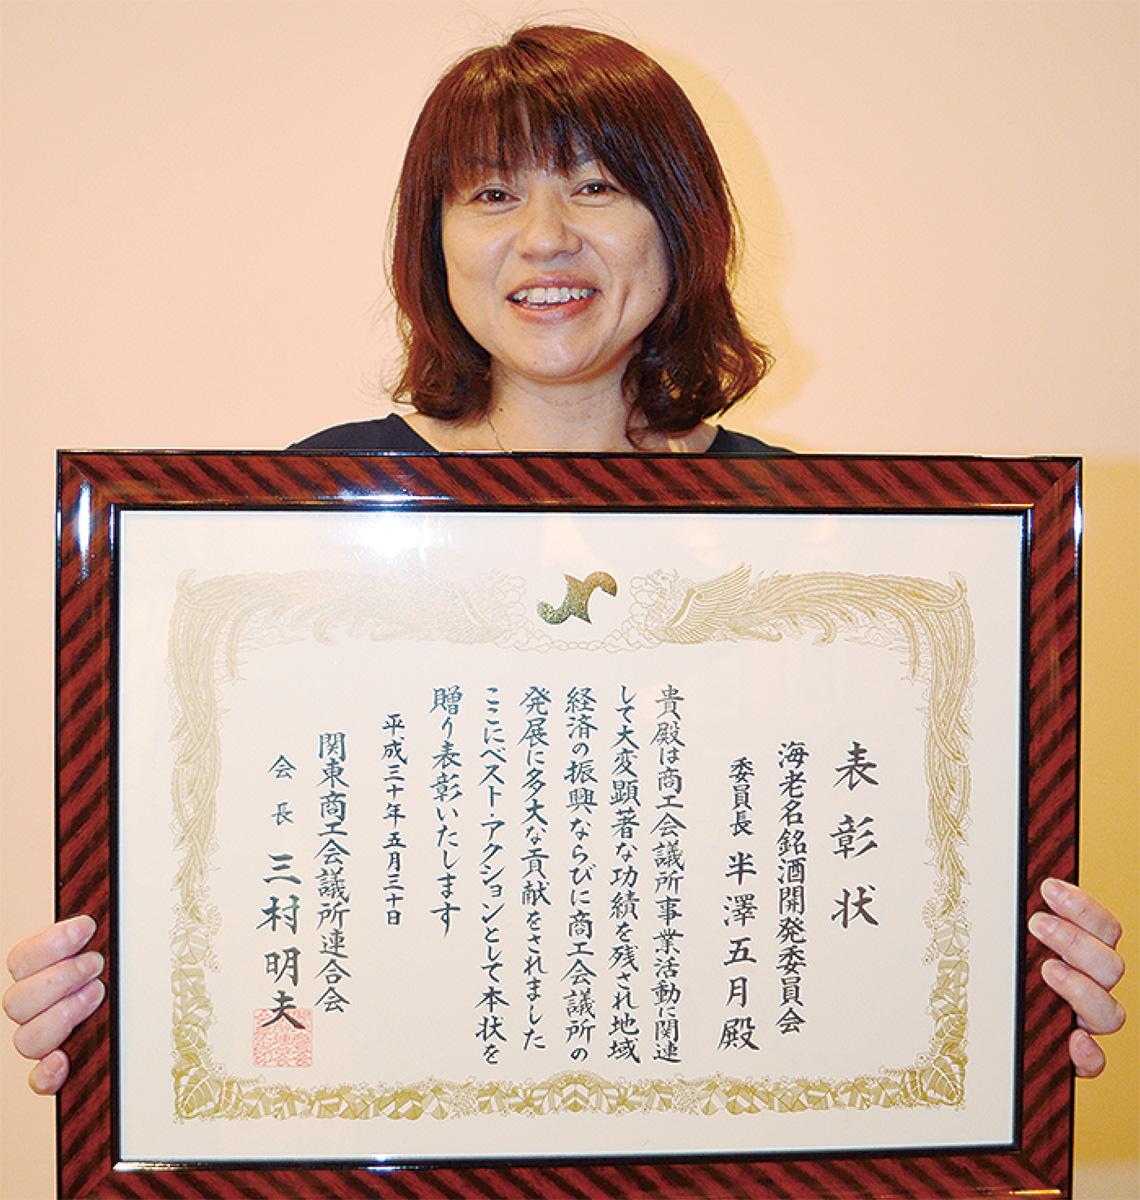 表彰を受けた海老名銘酒開発委員会の半澤委員長